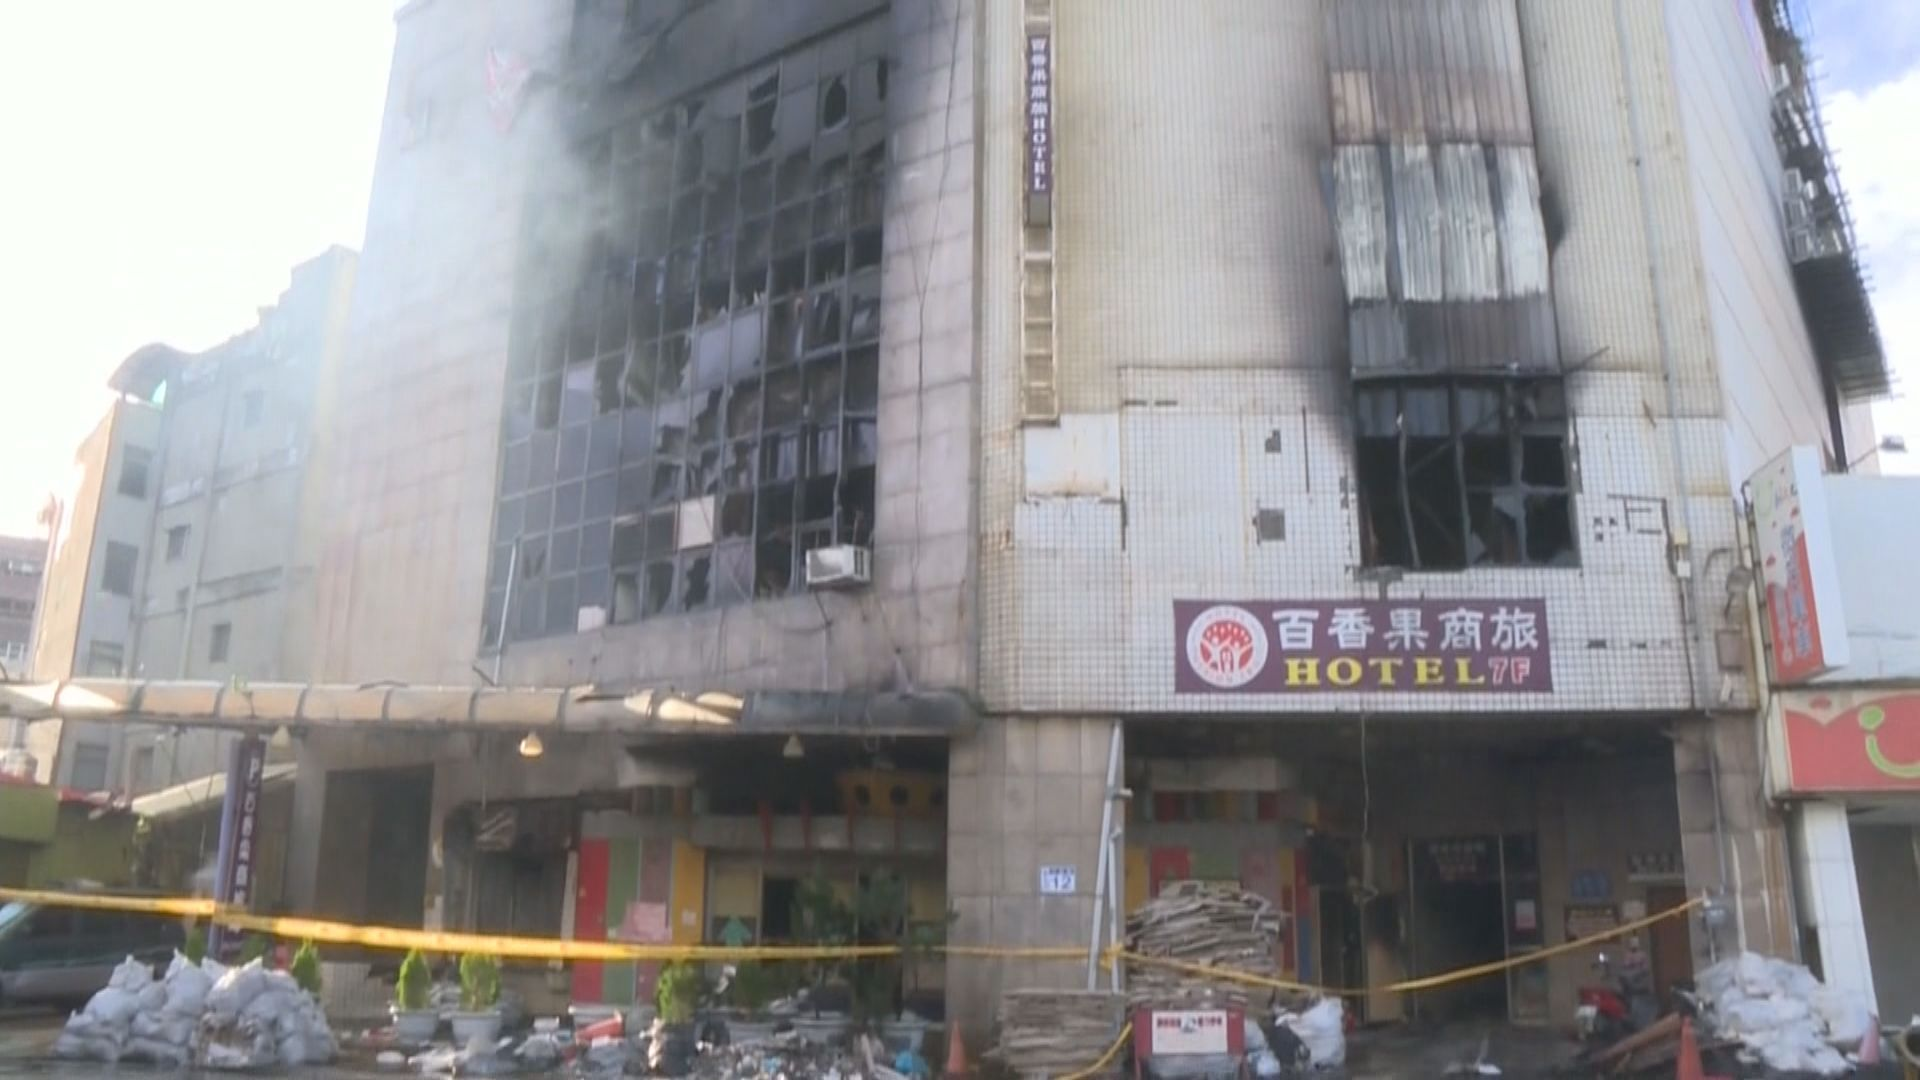 台灣彰化大樓火警釀四死 當局指事發時防煙門被打開